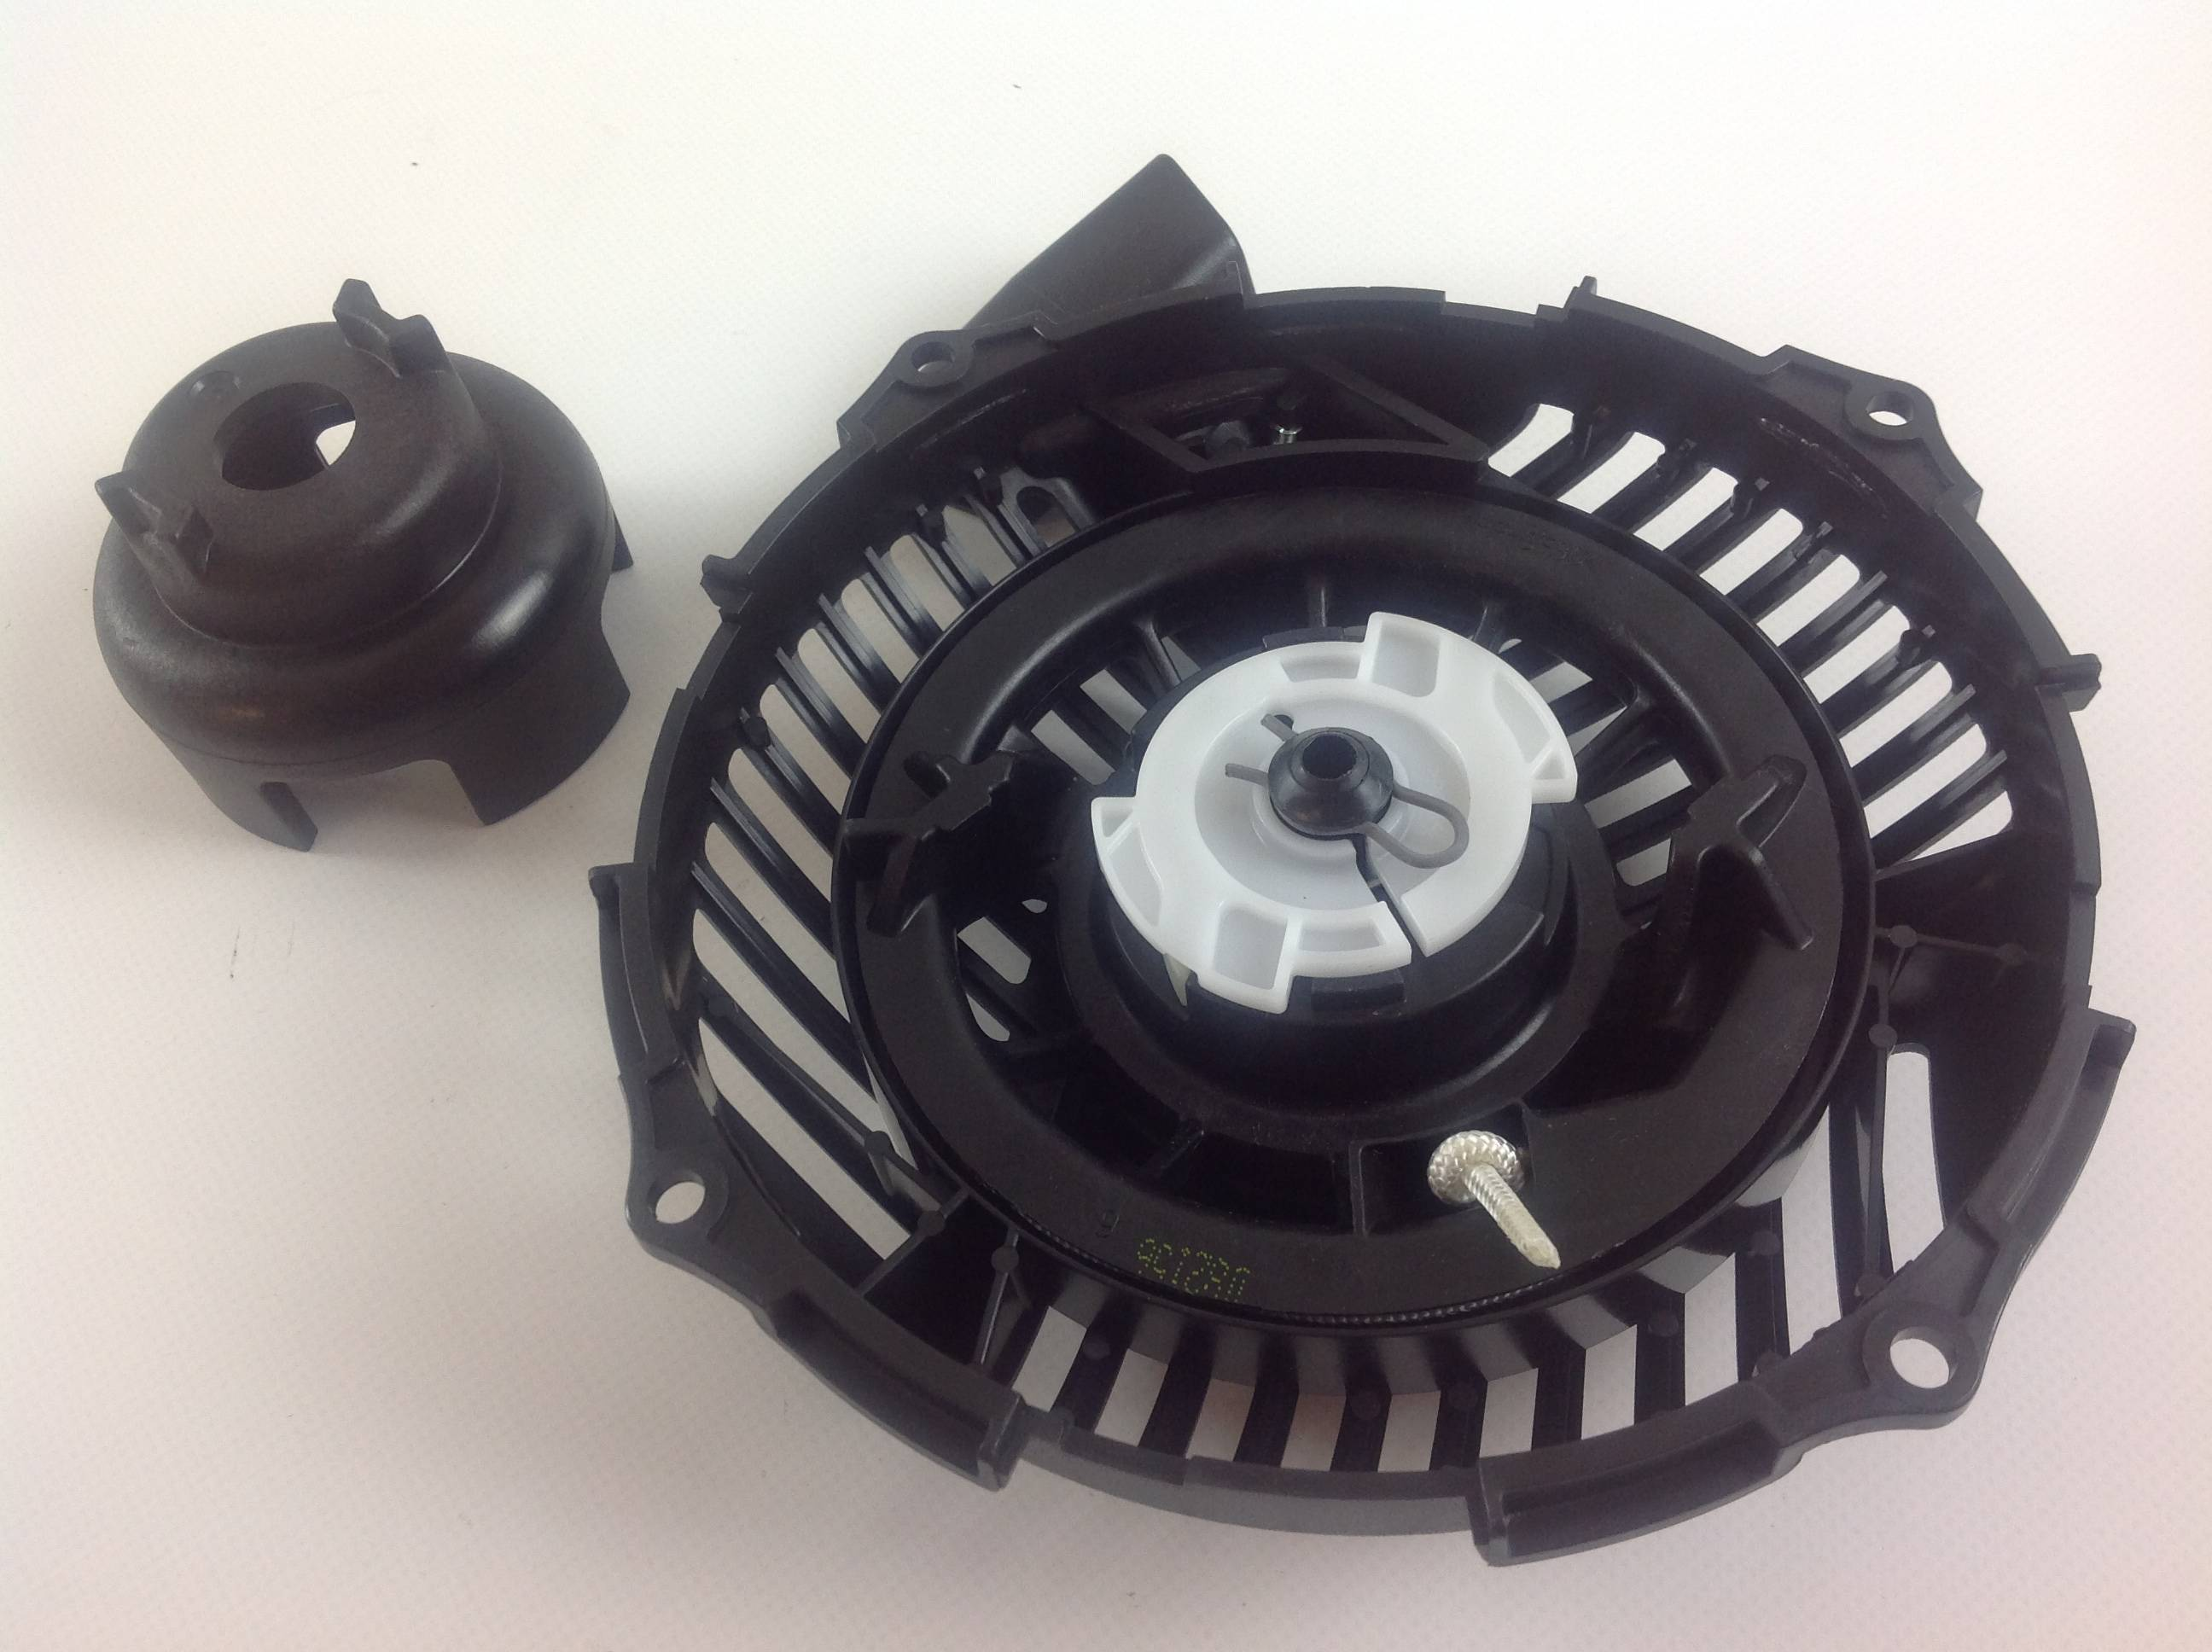 Avviatore messa in moto avviamento motore rasaerba tagliaerba OHV T100 340149